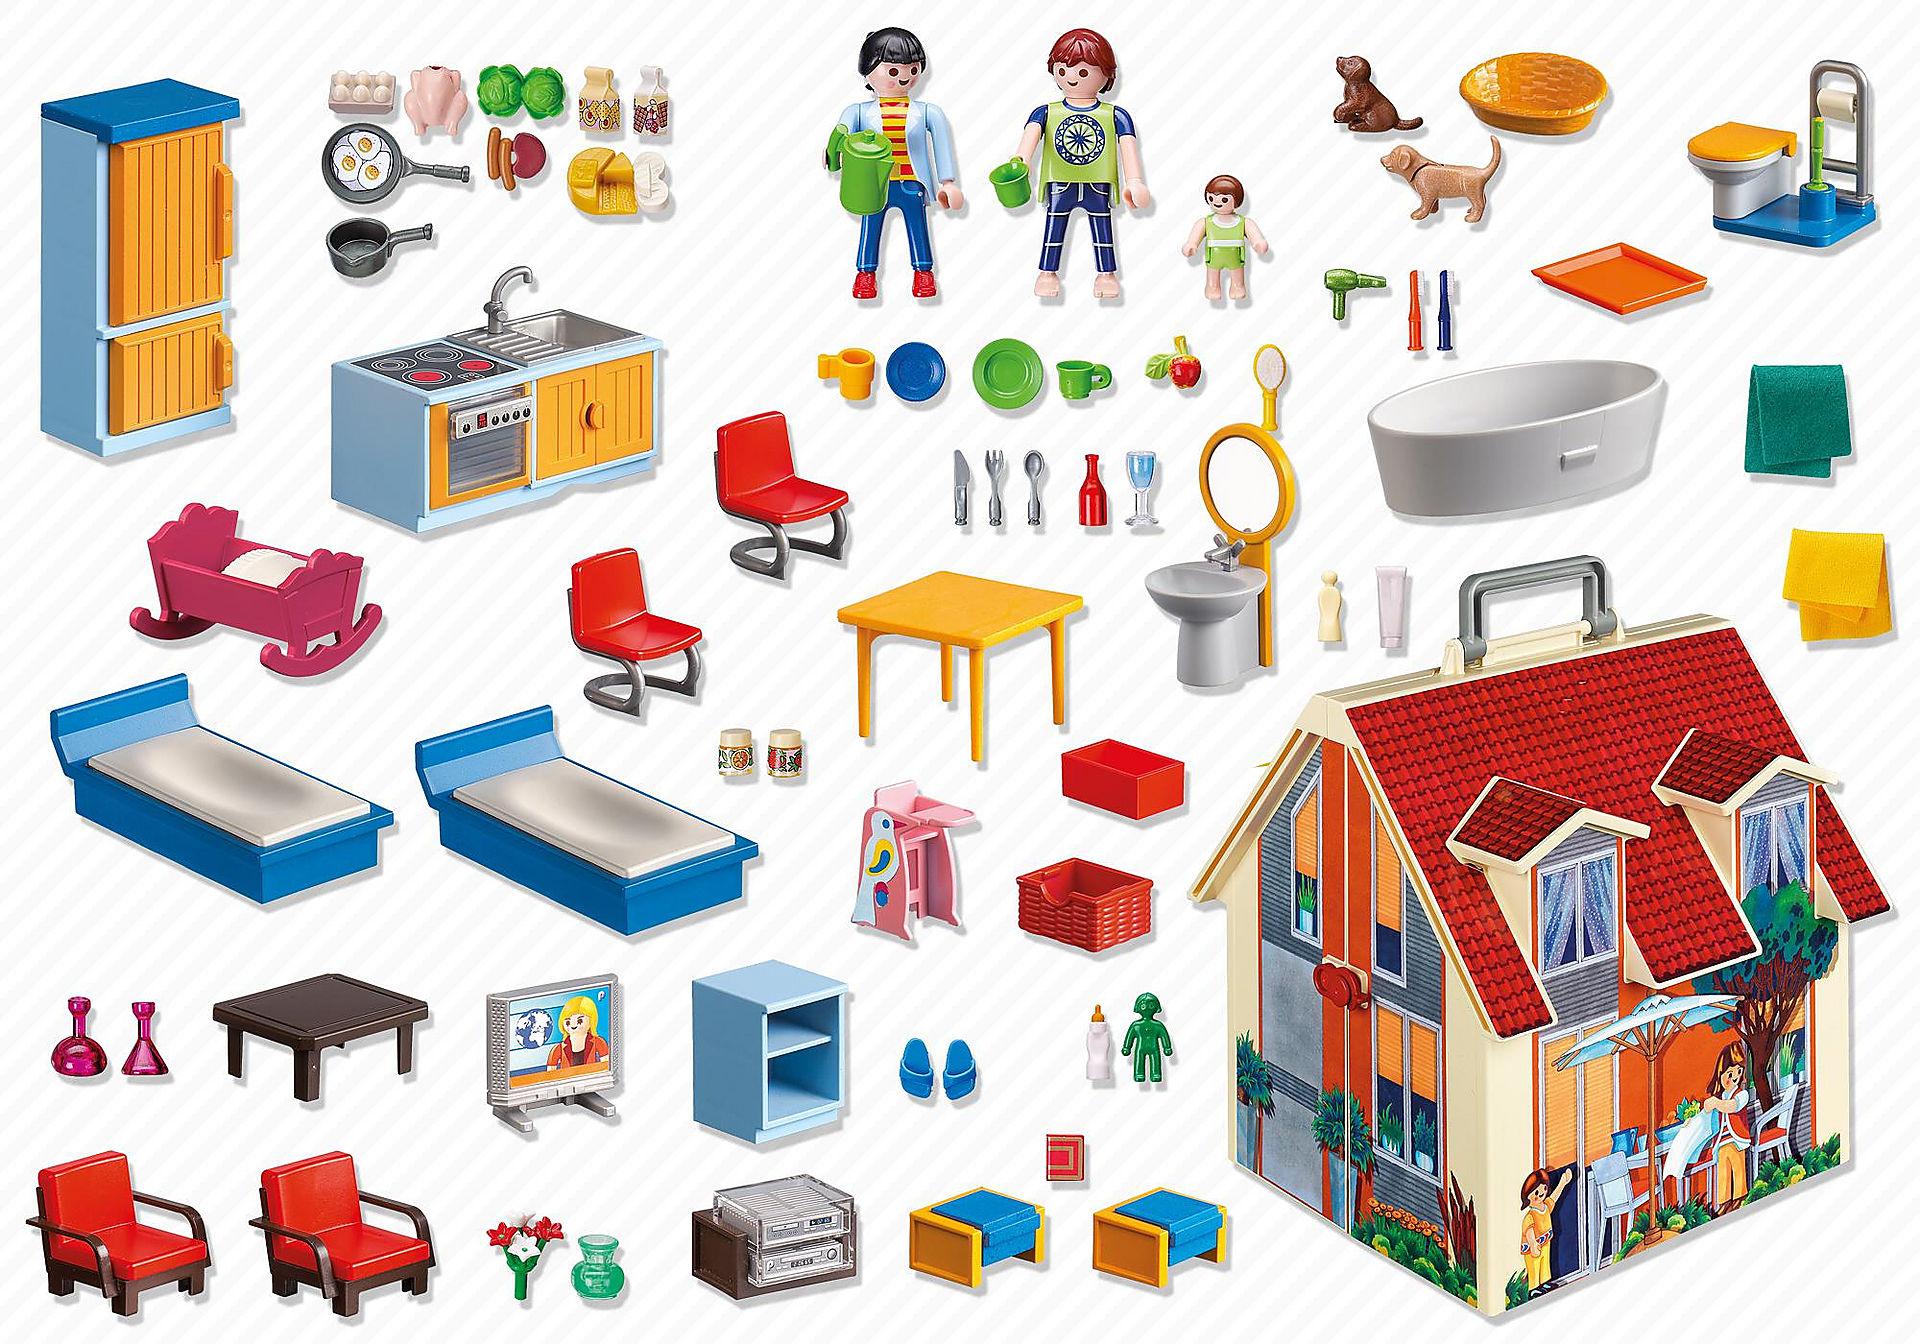 5167 Nowy przenośny domek dla lalek zoom image4